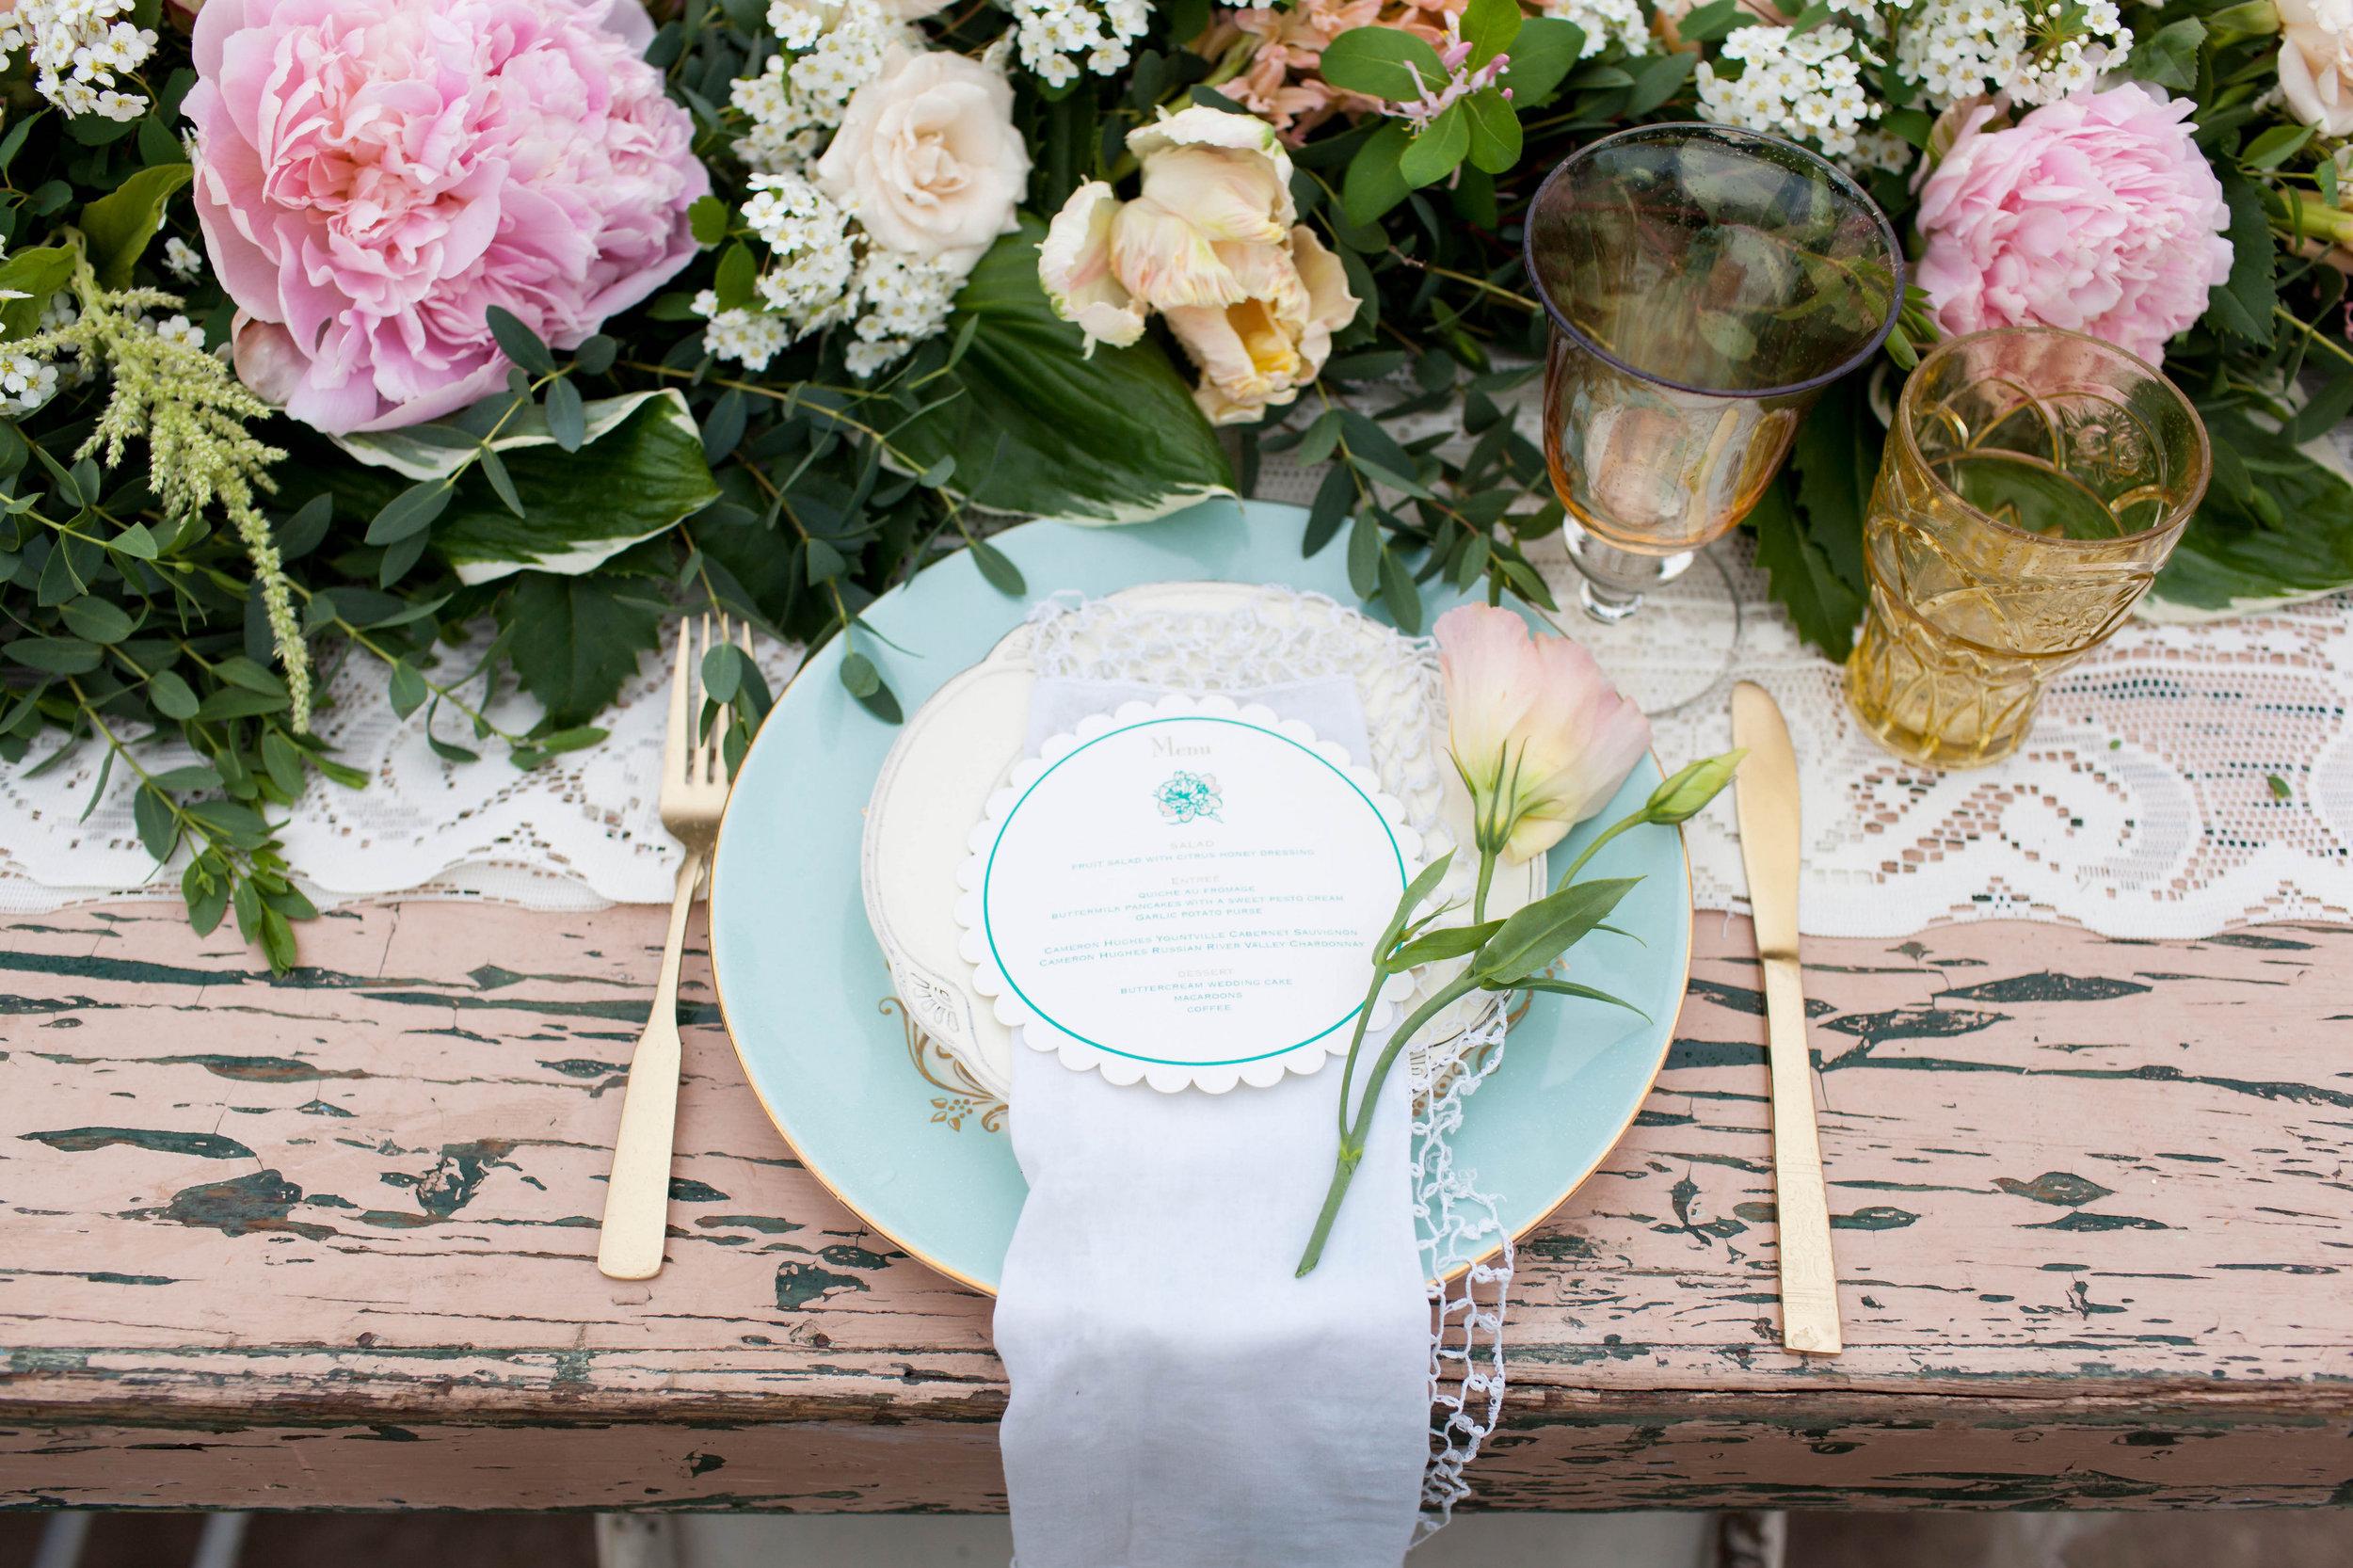 Floral table runner studio fleurette